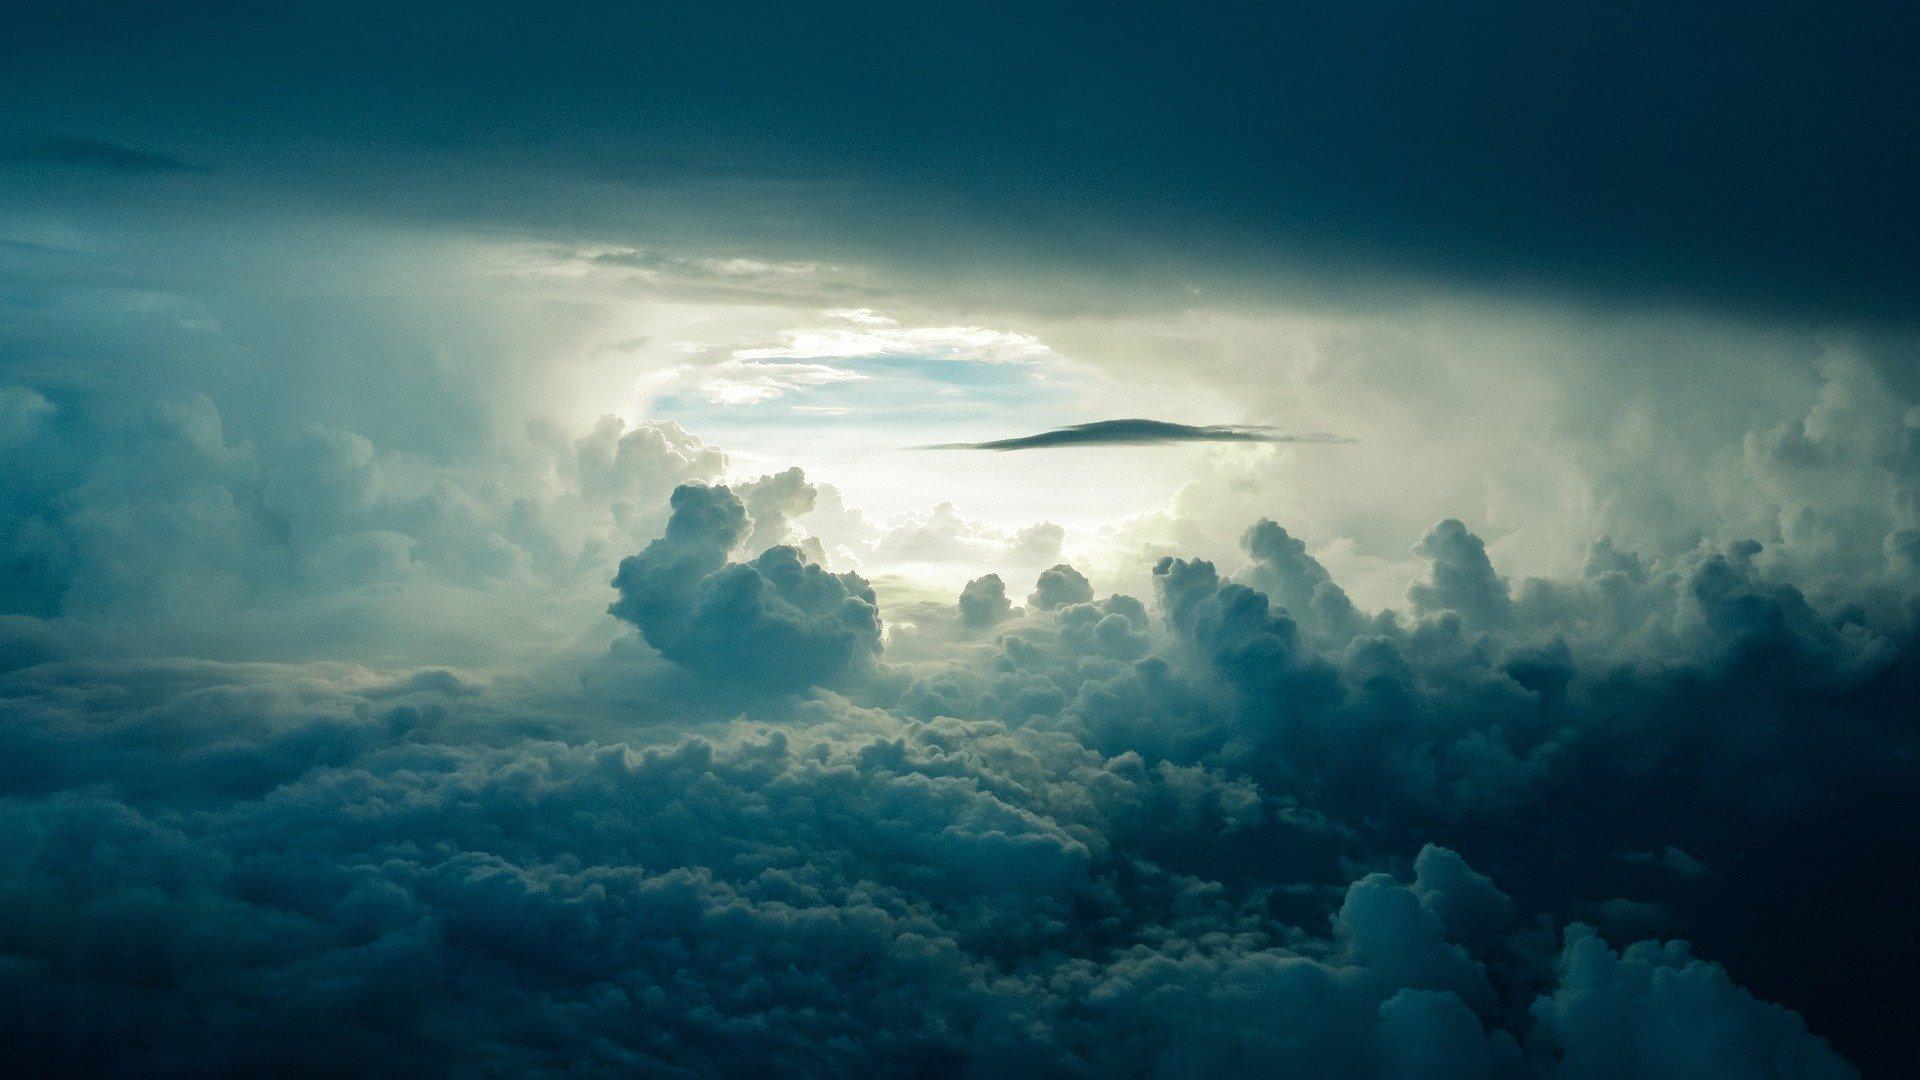 2020_Wolken_Cloud(s)